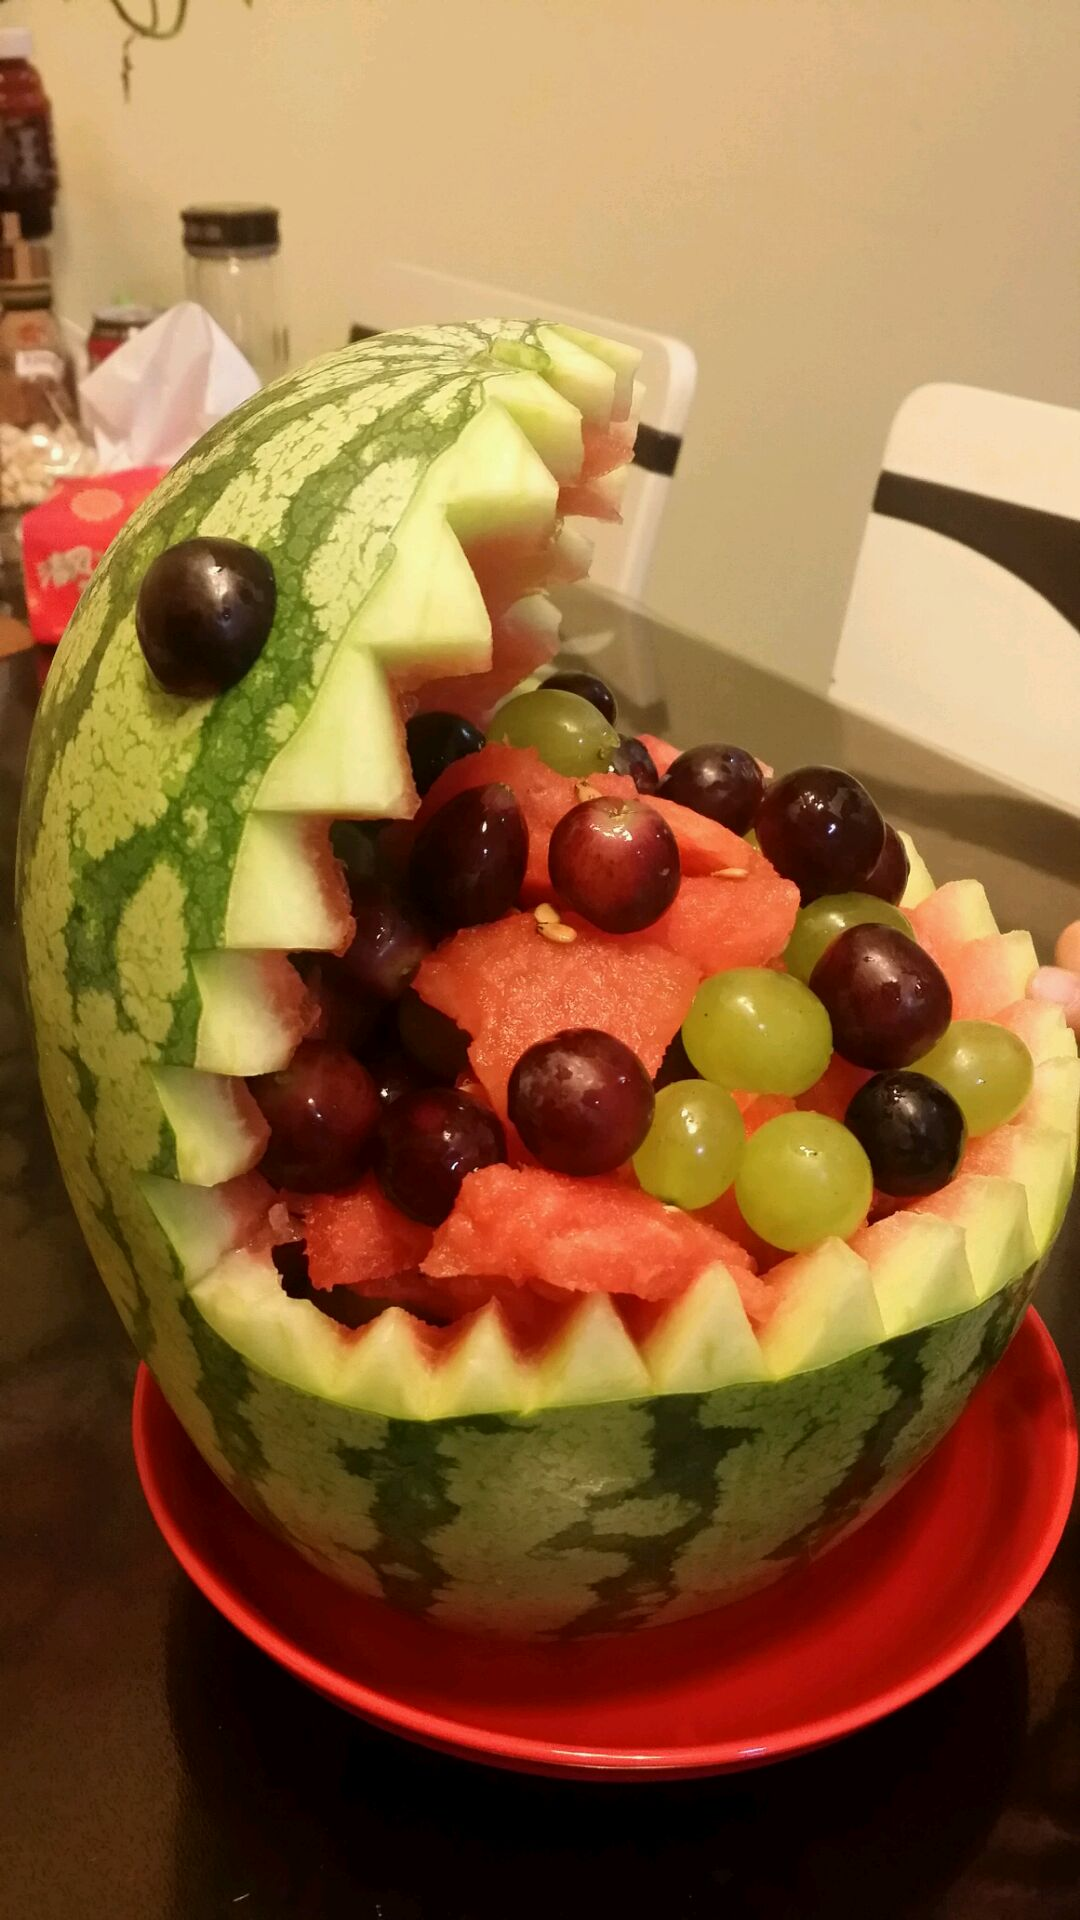 鲨鱼西瓜果盘的做法图解4